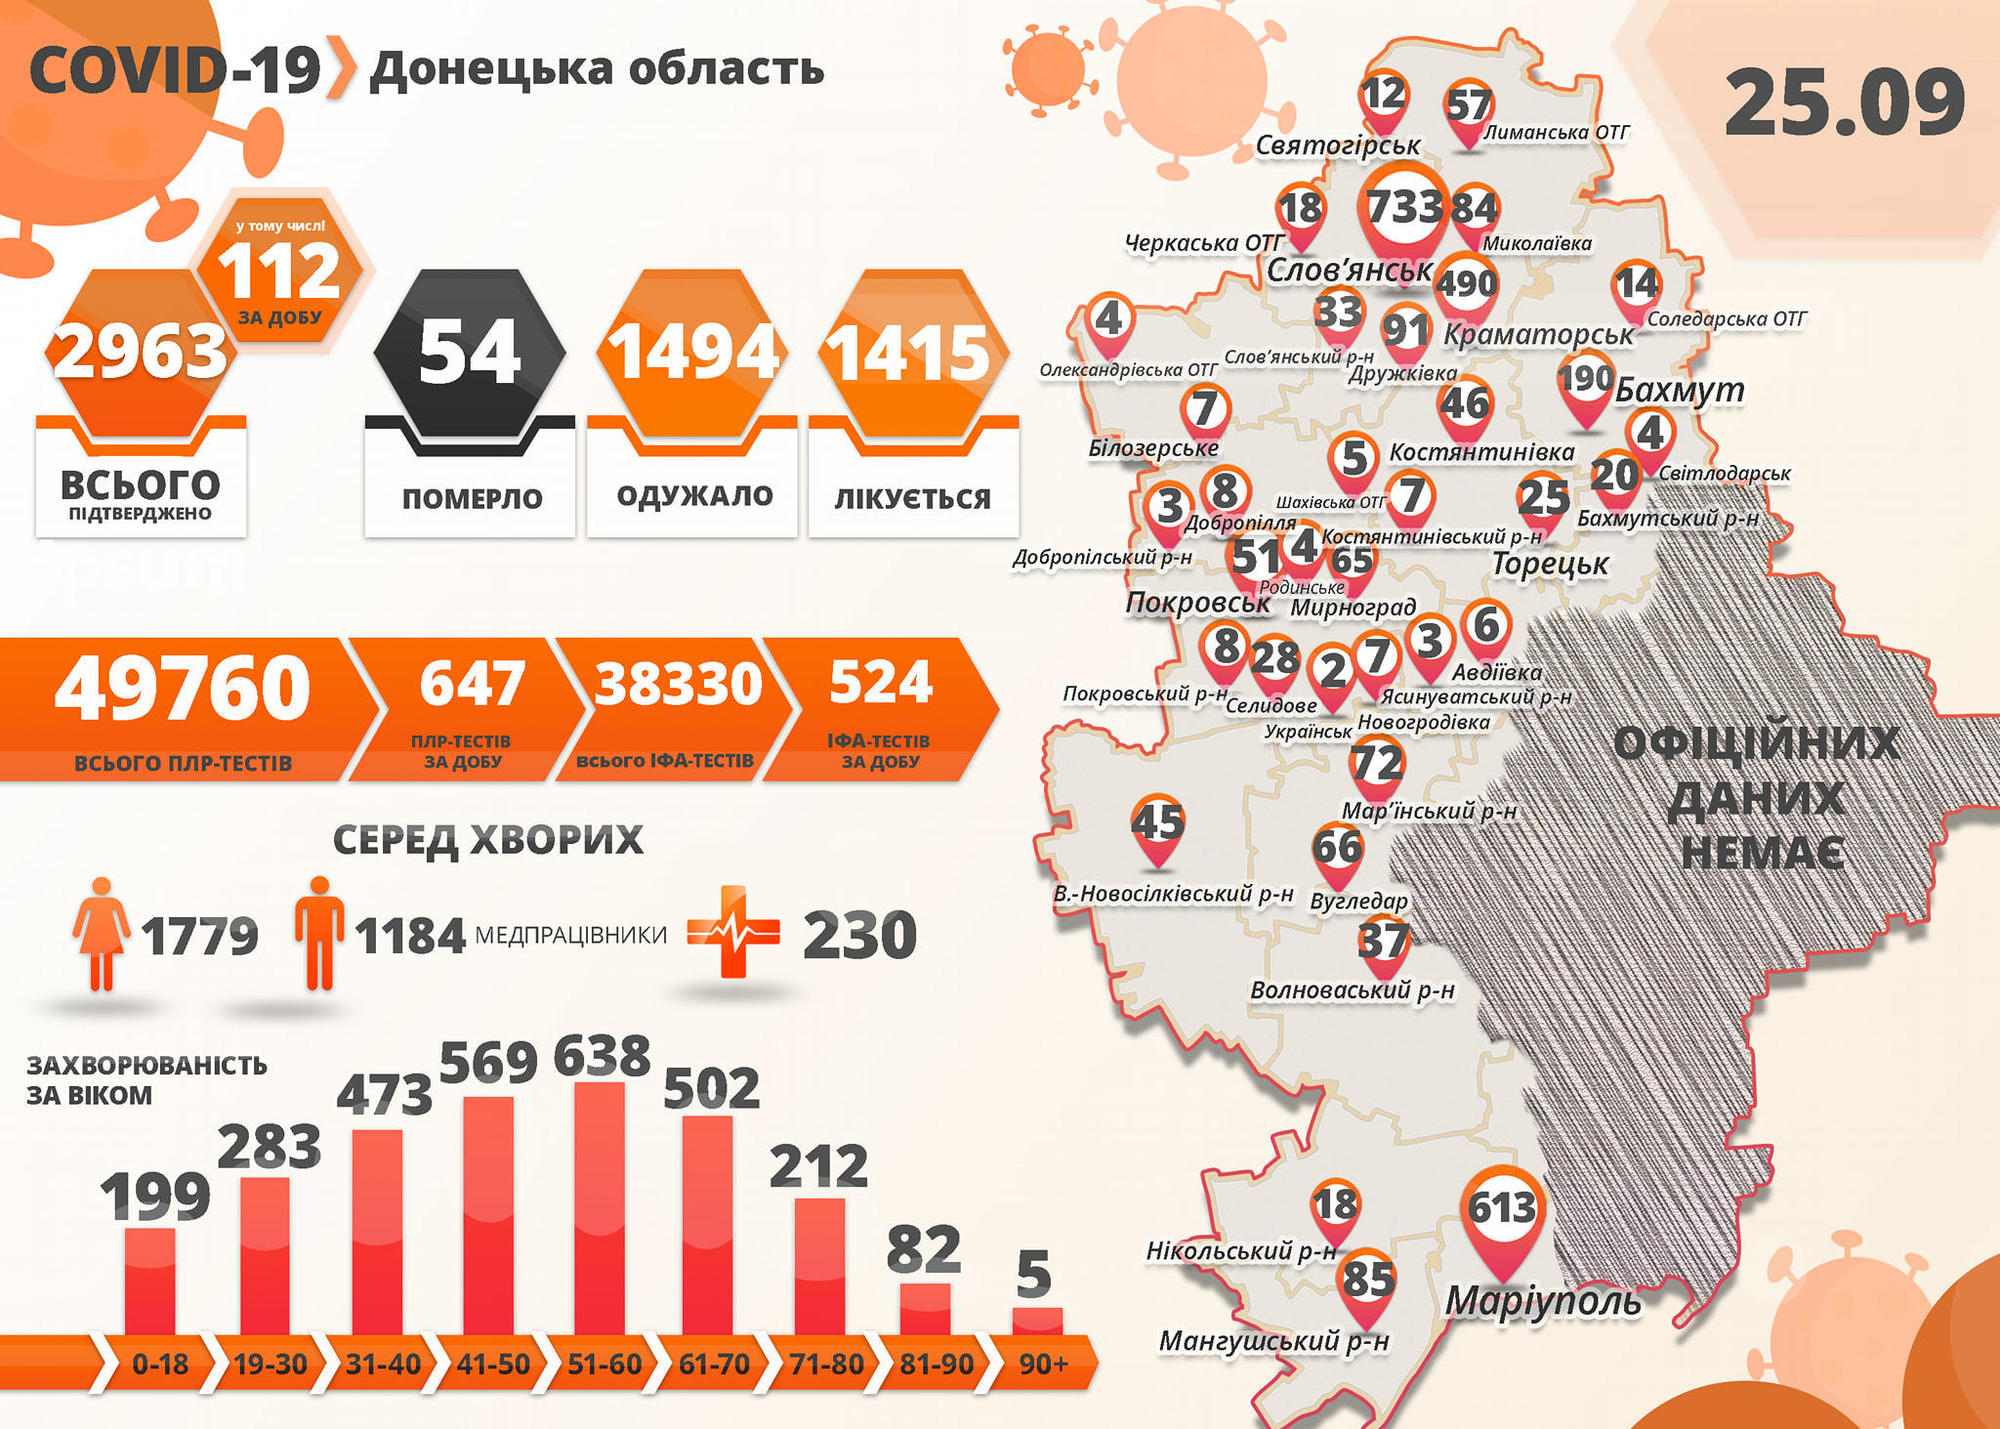 На підконтрольній Донеччині за день виявили 112 пацієнтів з коронавірусом